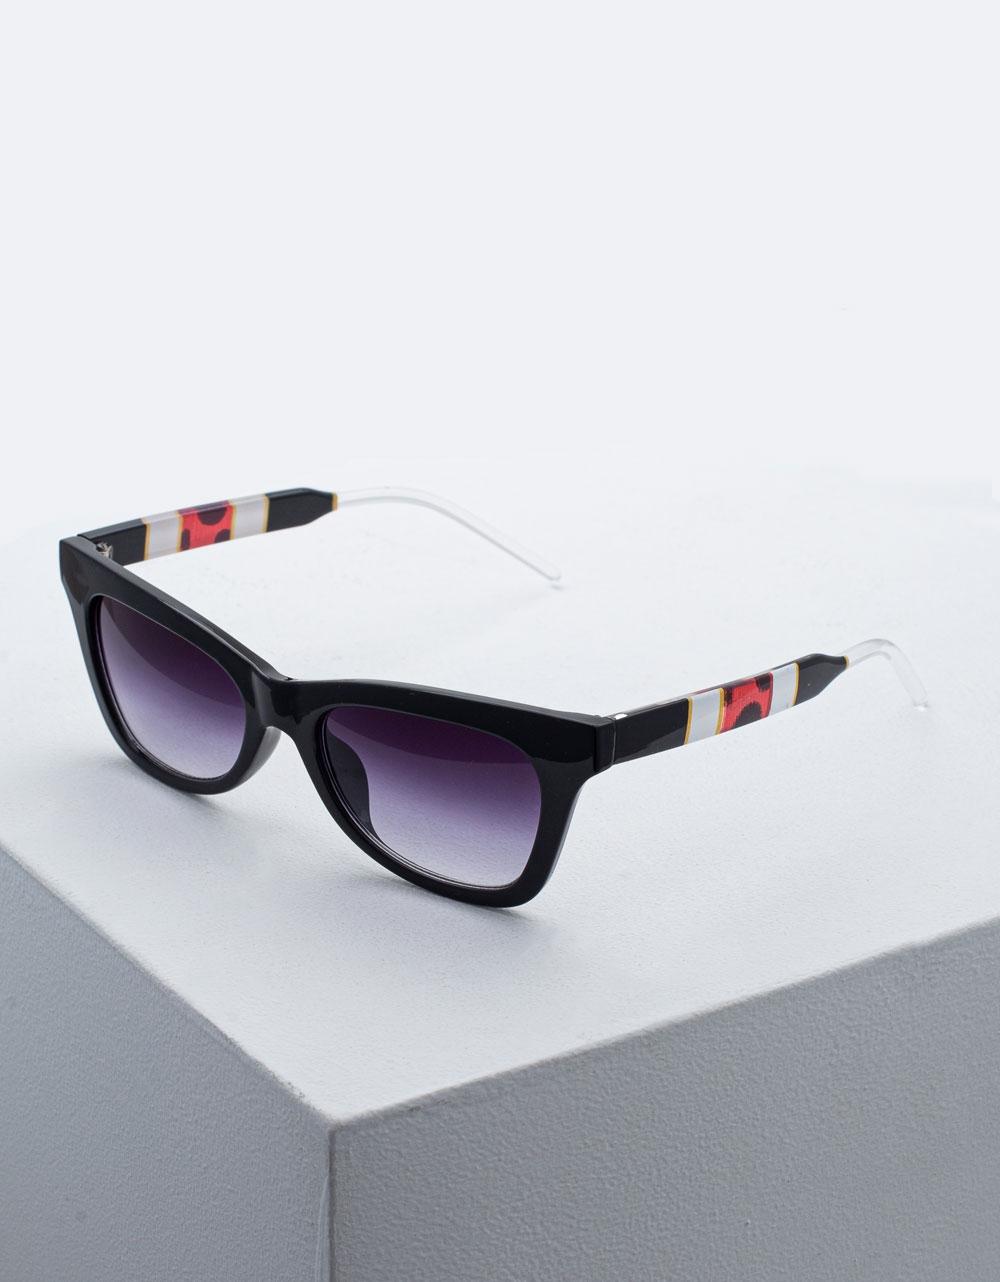 Εικόνα από Γυναικεία γυαλιά ηλίου σε συνδυασμό χρωμάτων Μαύρο/Λευκό